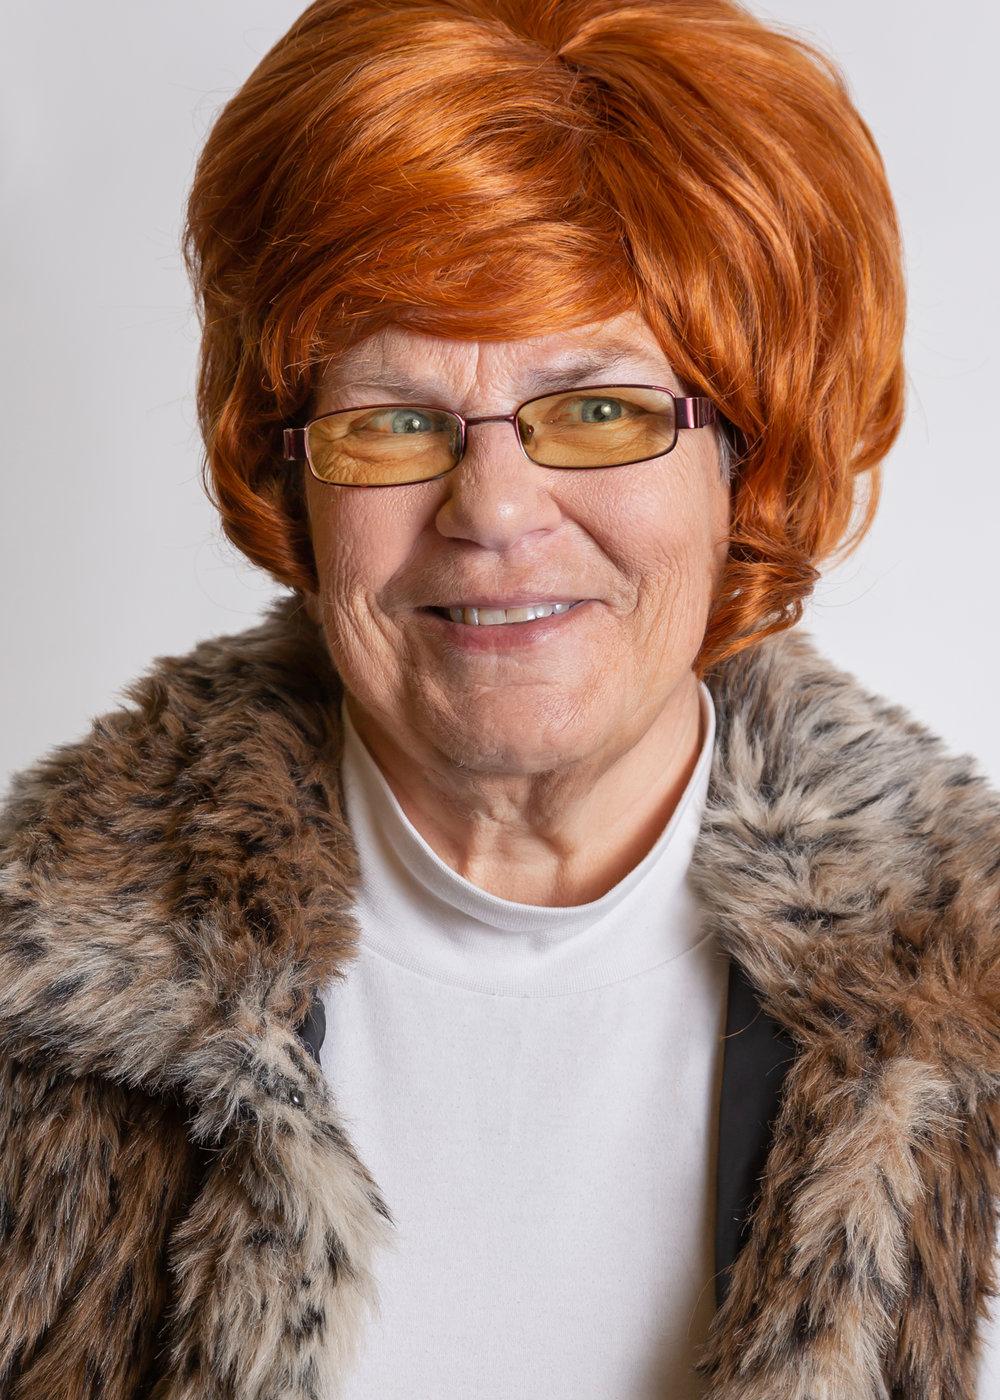 Pat Murdock | Celebrity On Staff since 2011